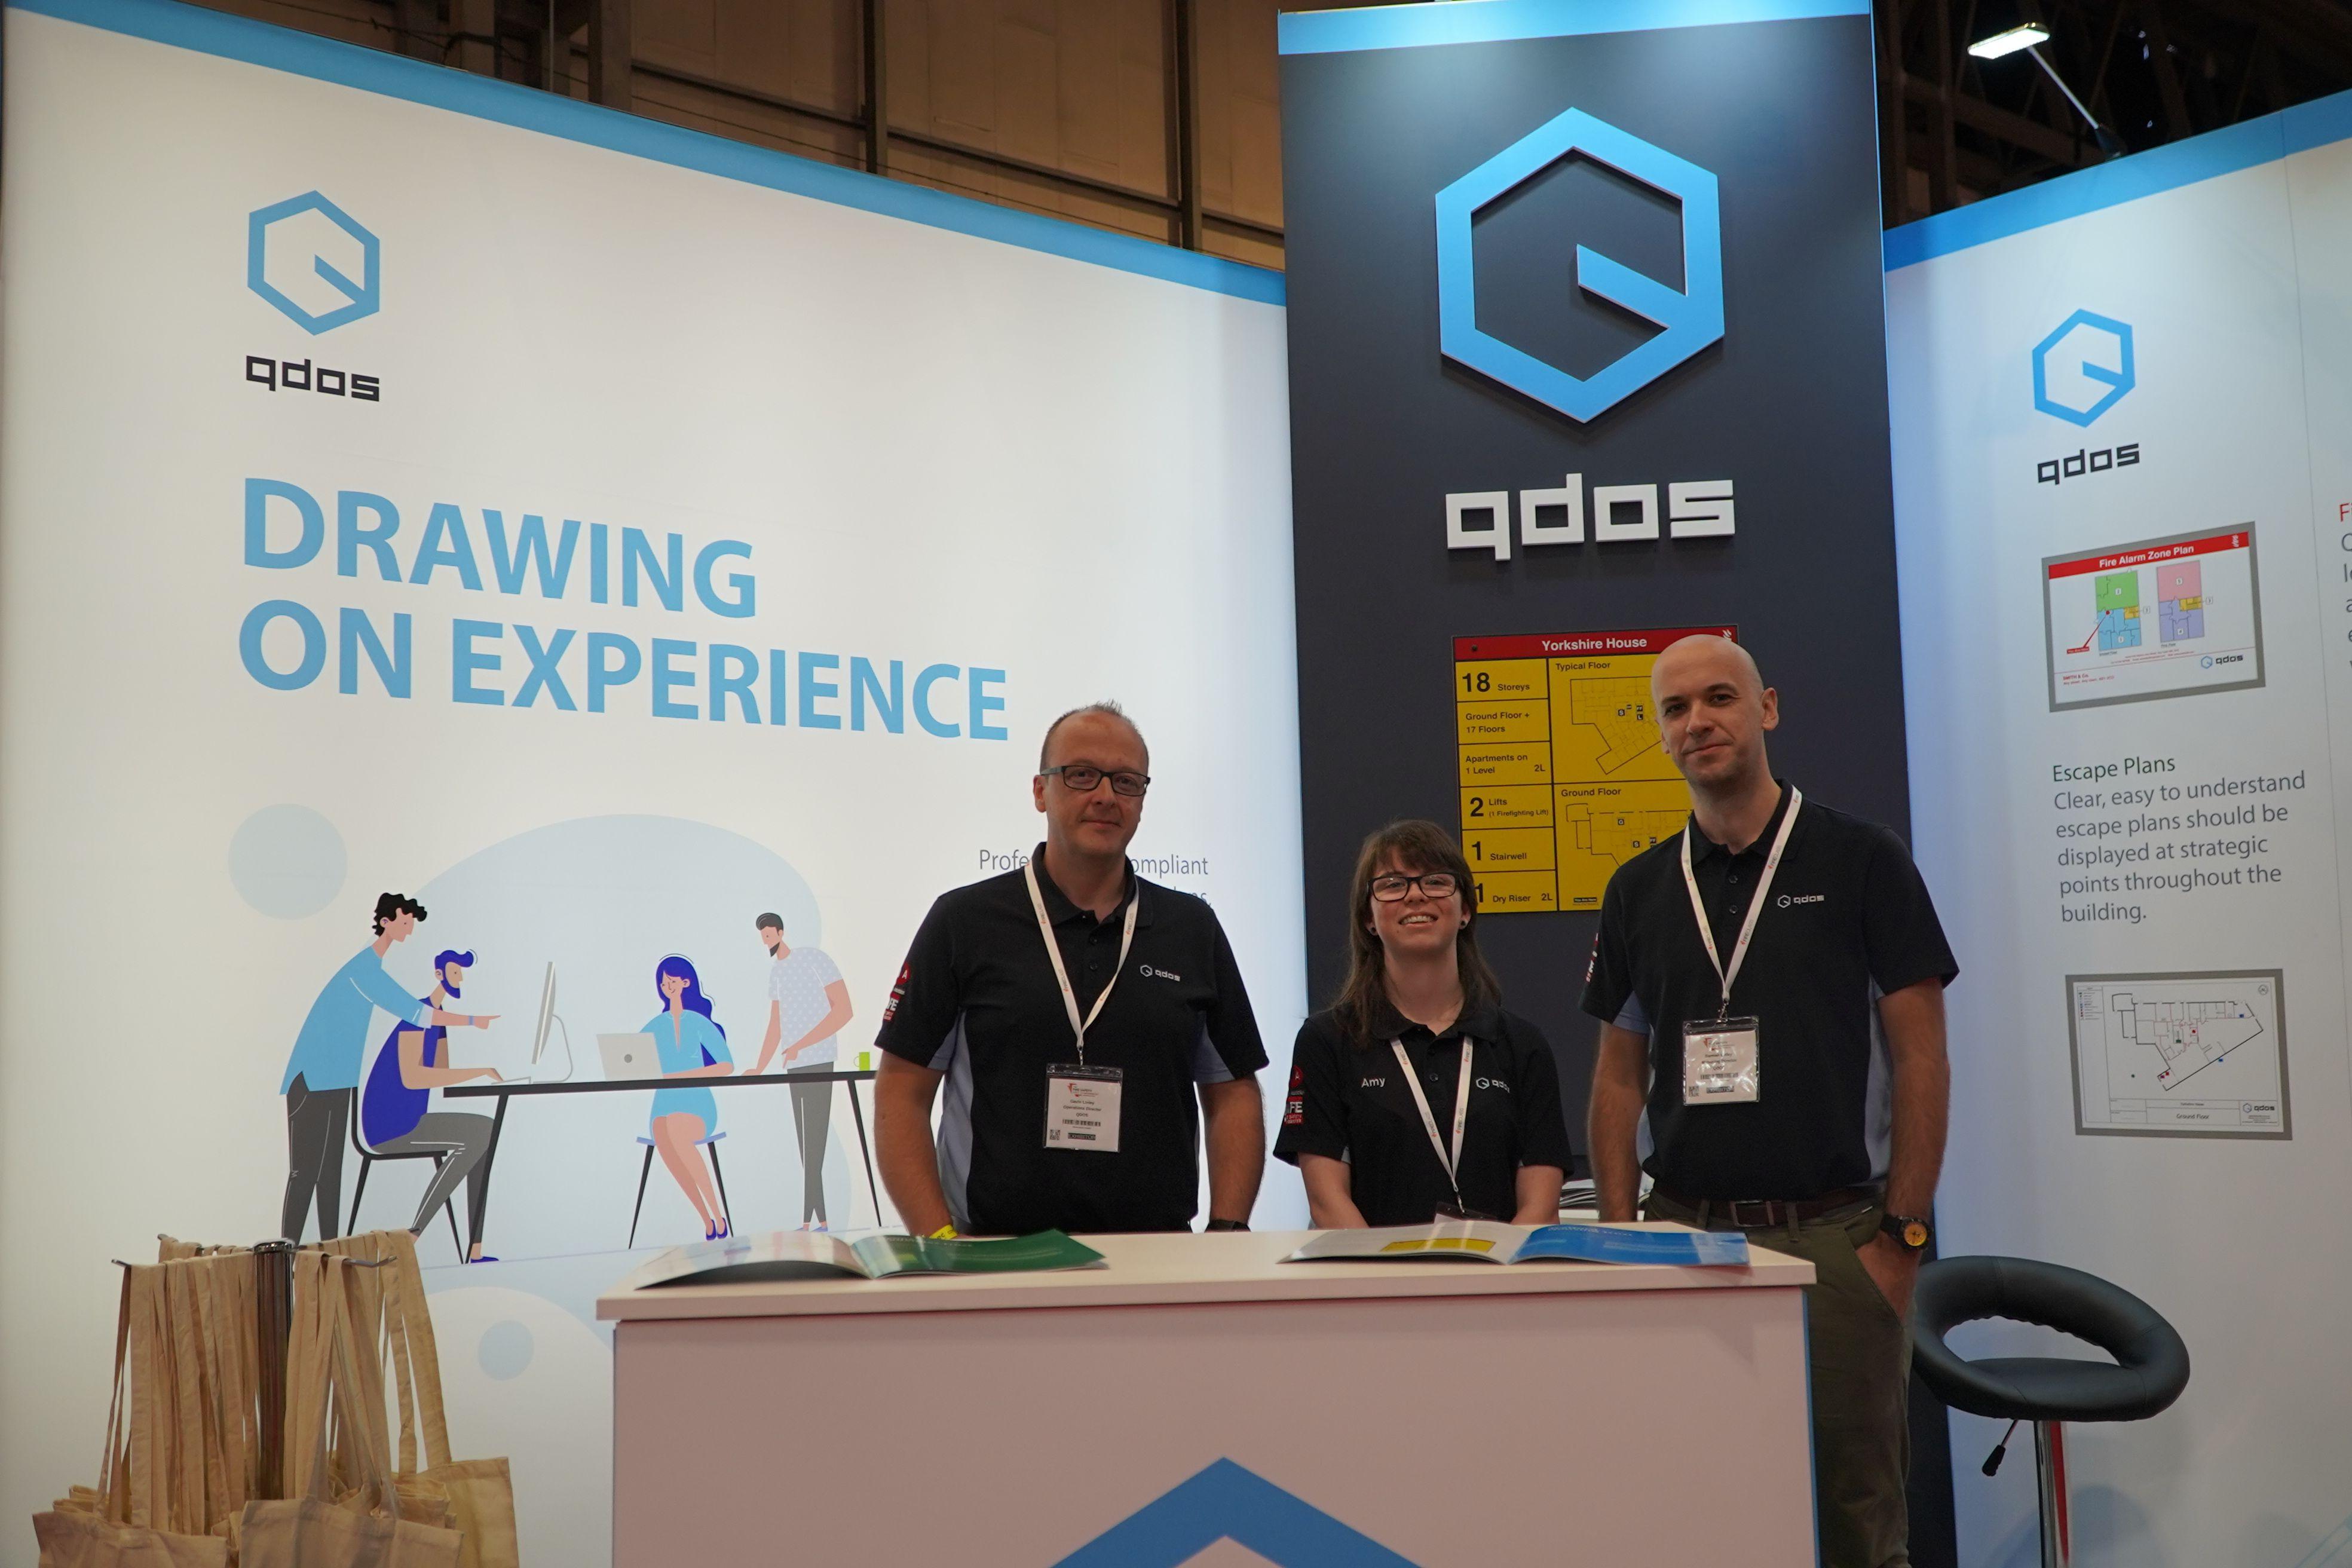 QDOS at The FSE 2021